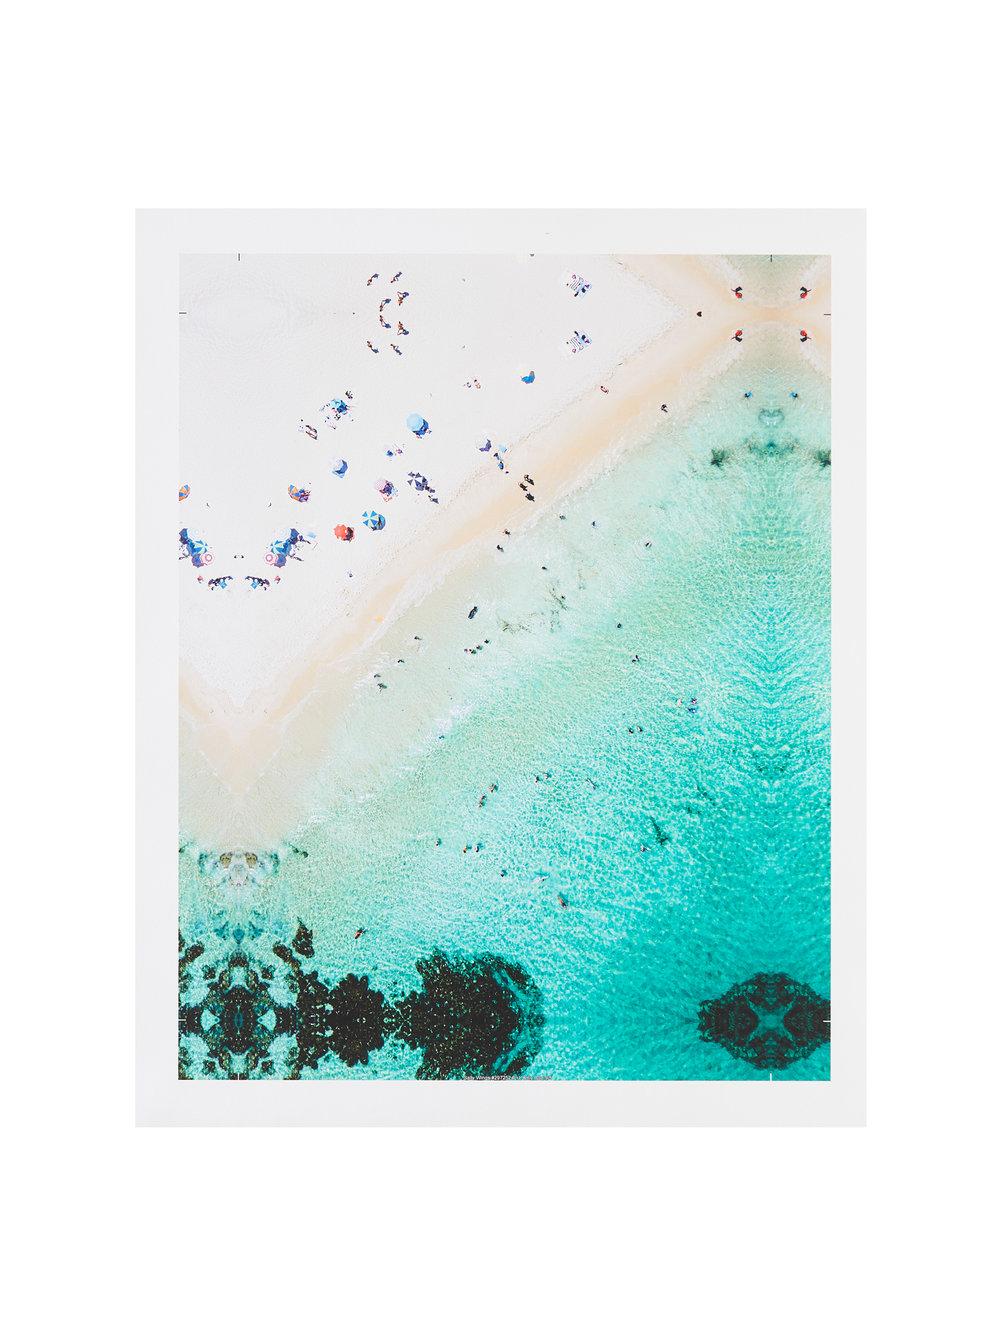 Salty Prints-220.jpg